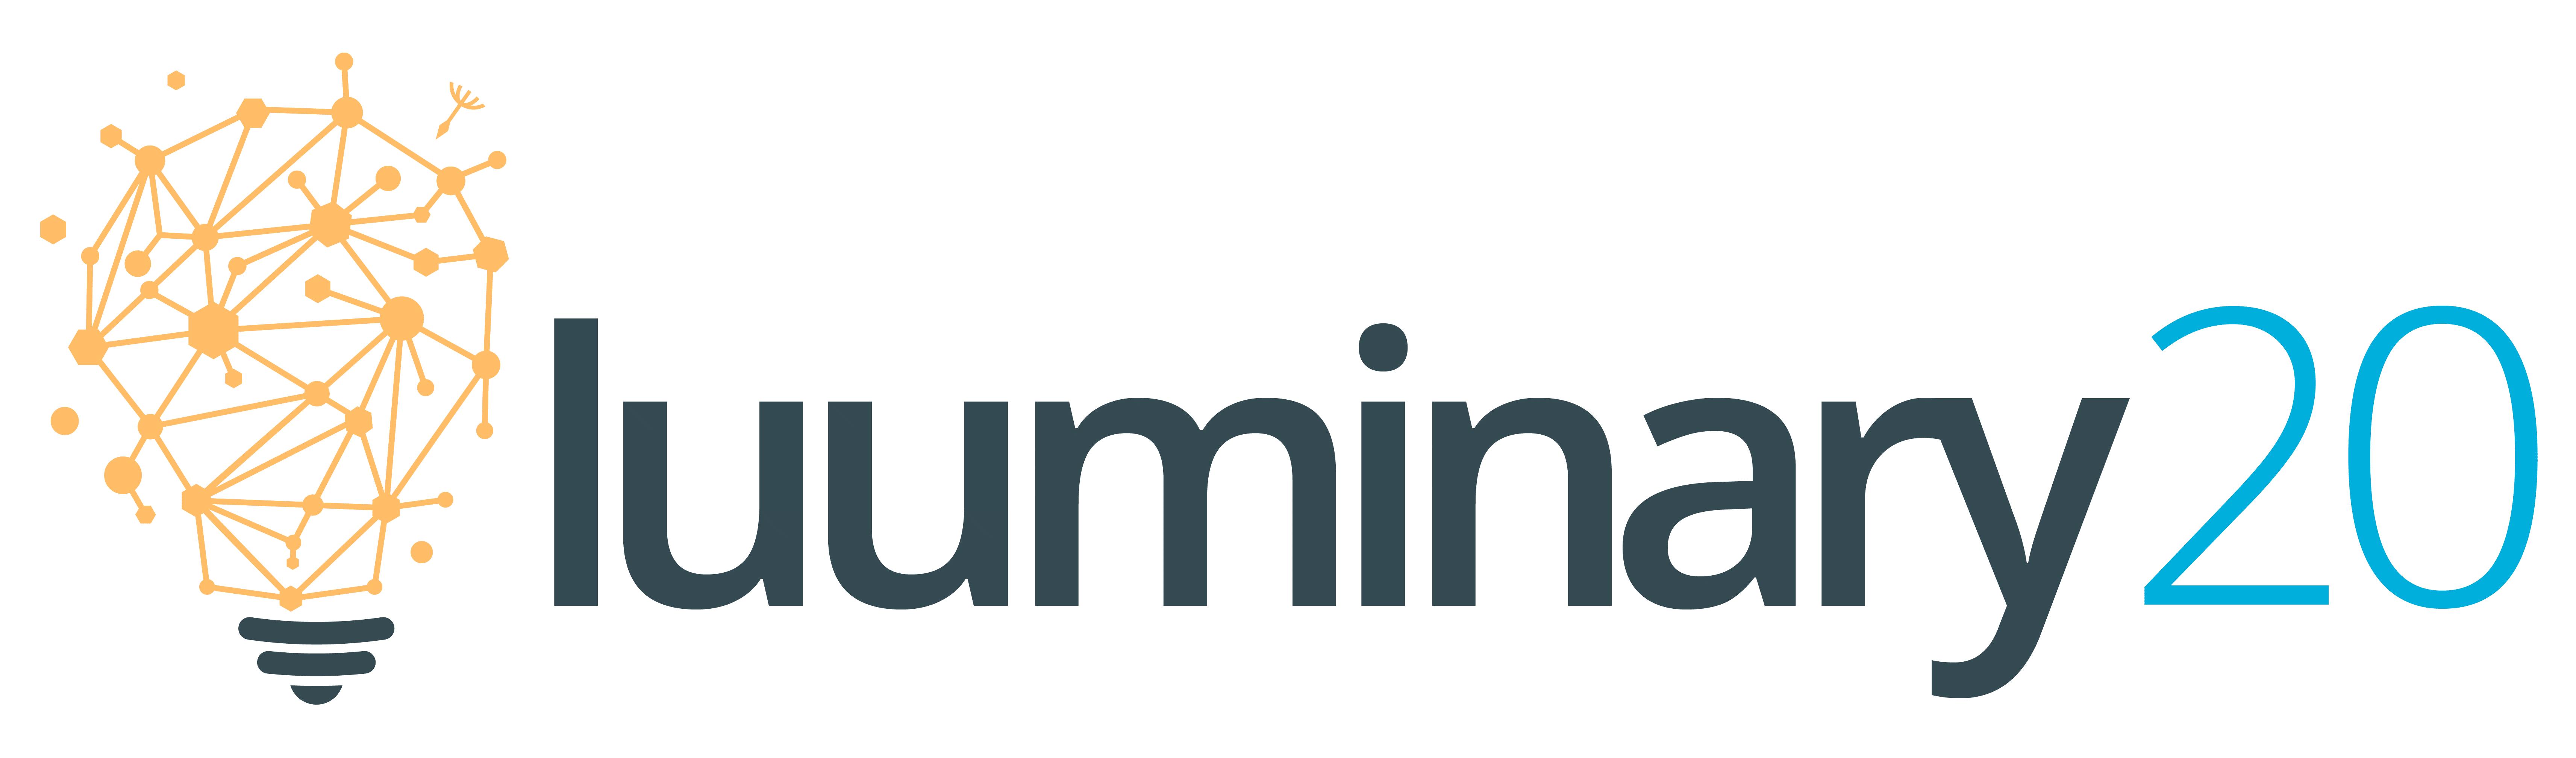 Luuminary20_logo